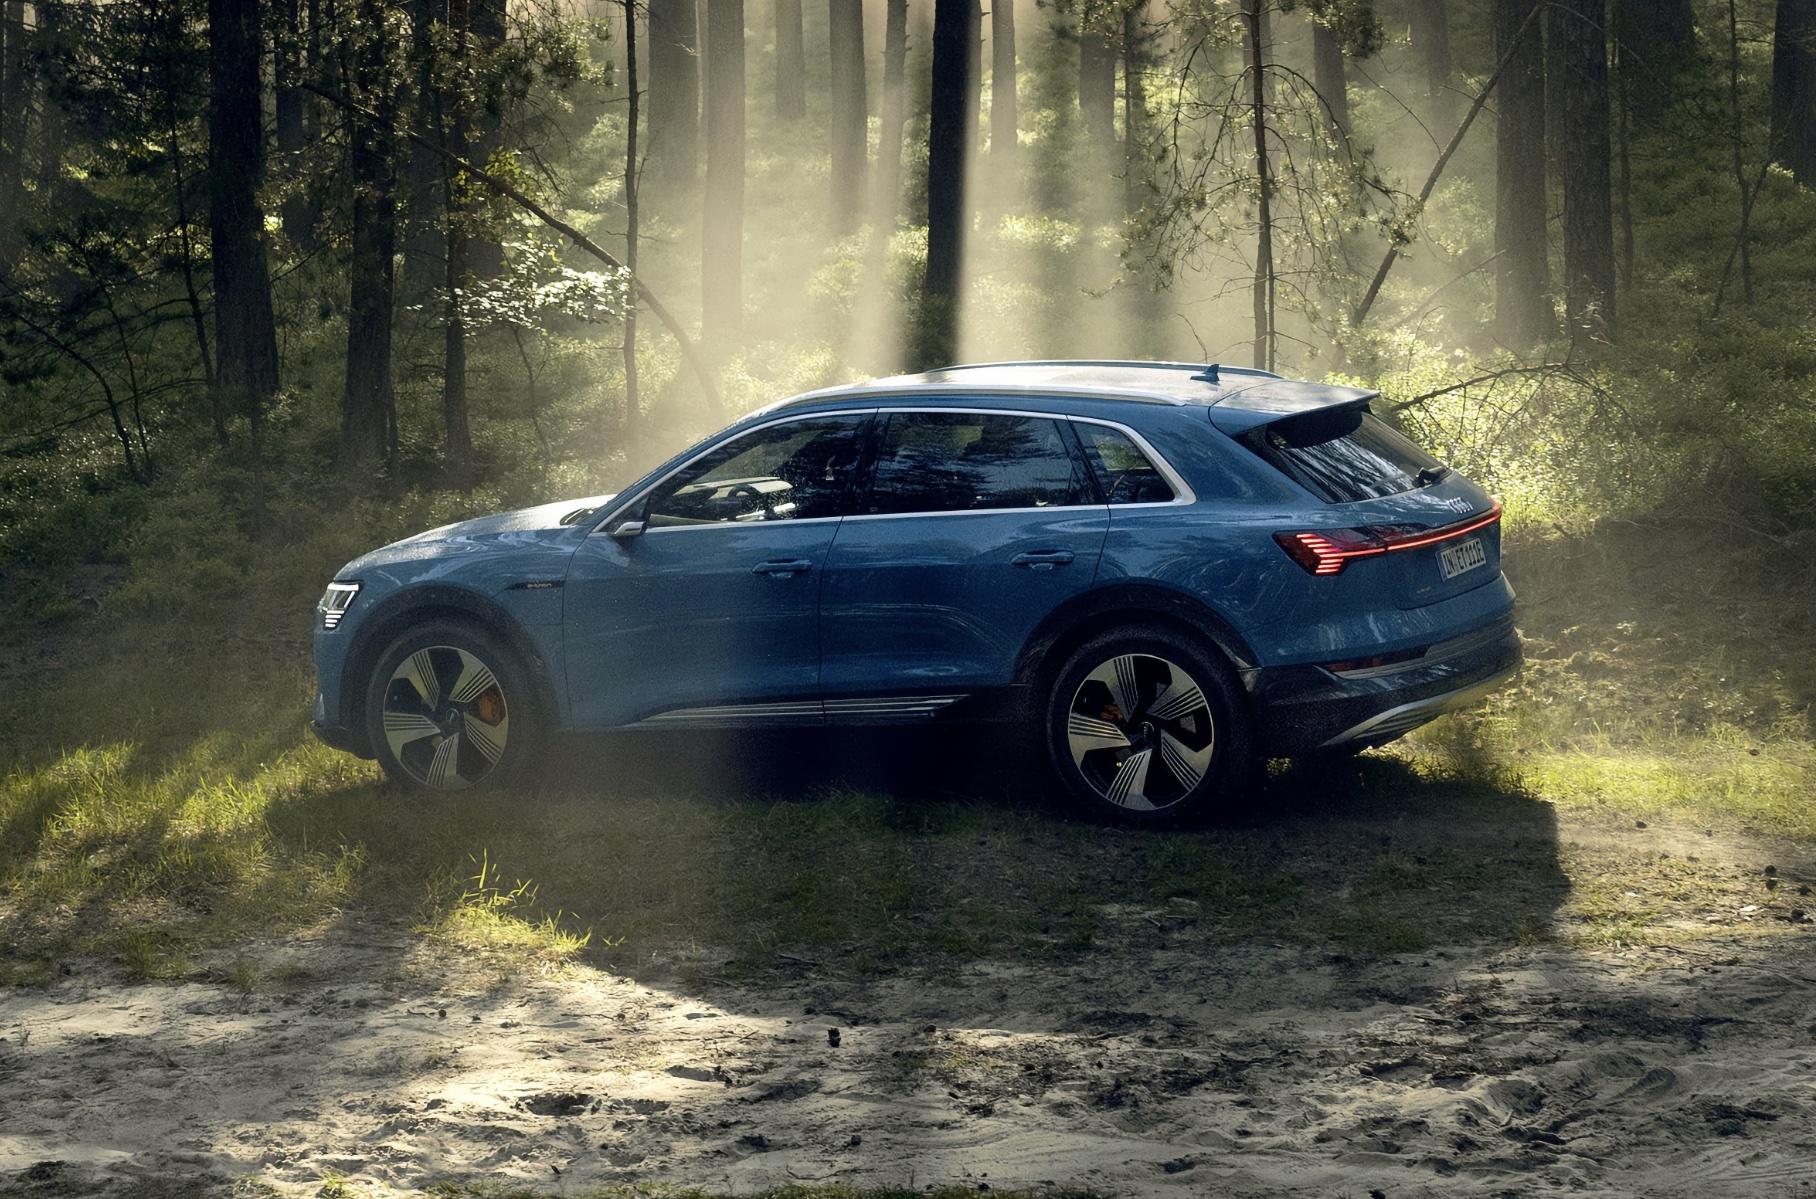 Audi запустила в России сервис краткосрочной аренды автомобилей